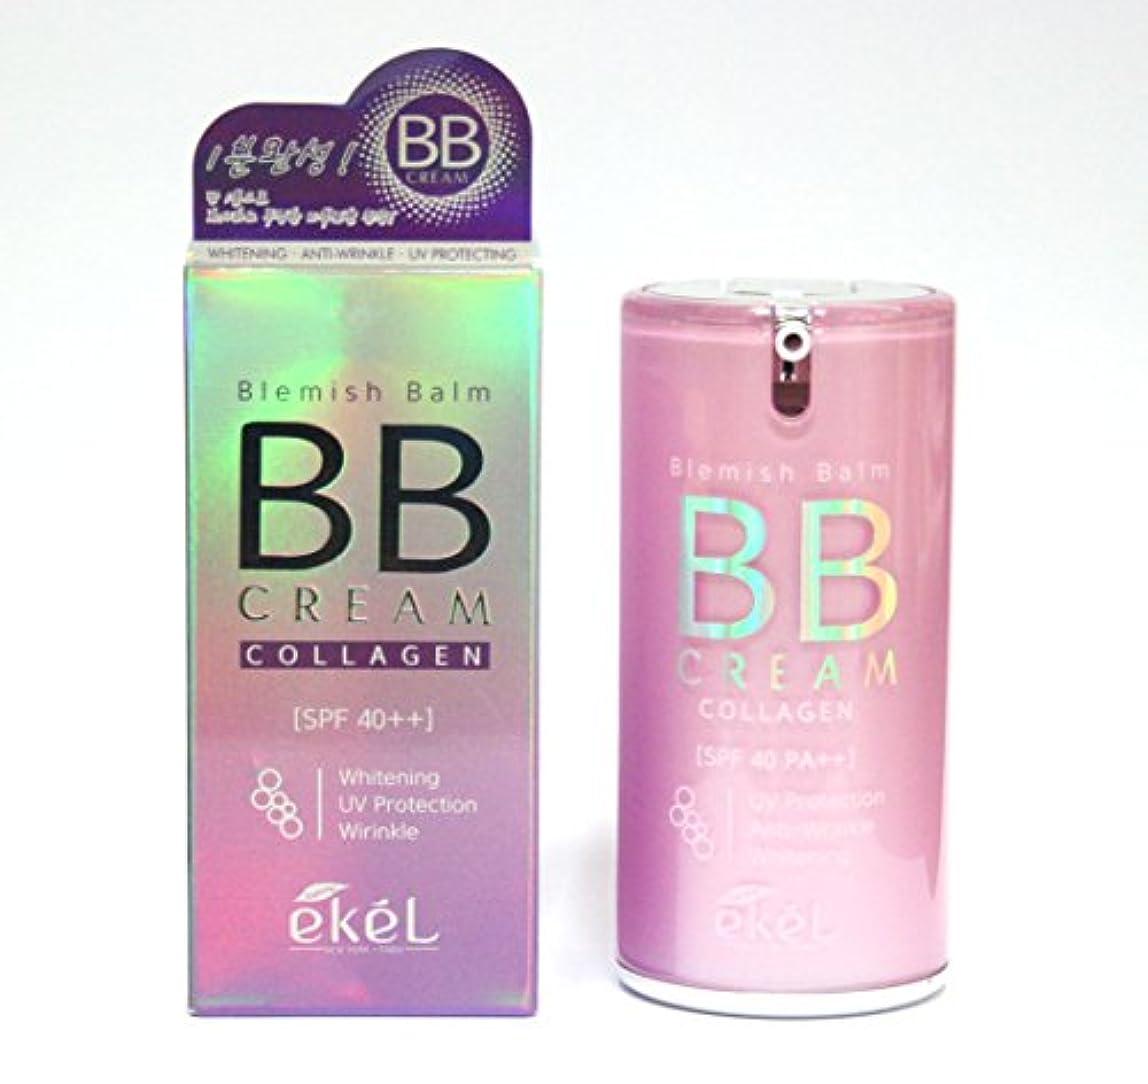 洞察力のある反対した葉っぱ[EKEL] ブレミッシュバームコラーゲンBBクリーム50g / Blemish Balm Collagen BB Cream 50g /ホワイトニング、UV保護、しわ / whitening, uv protection...